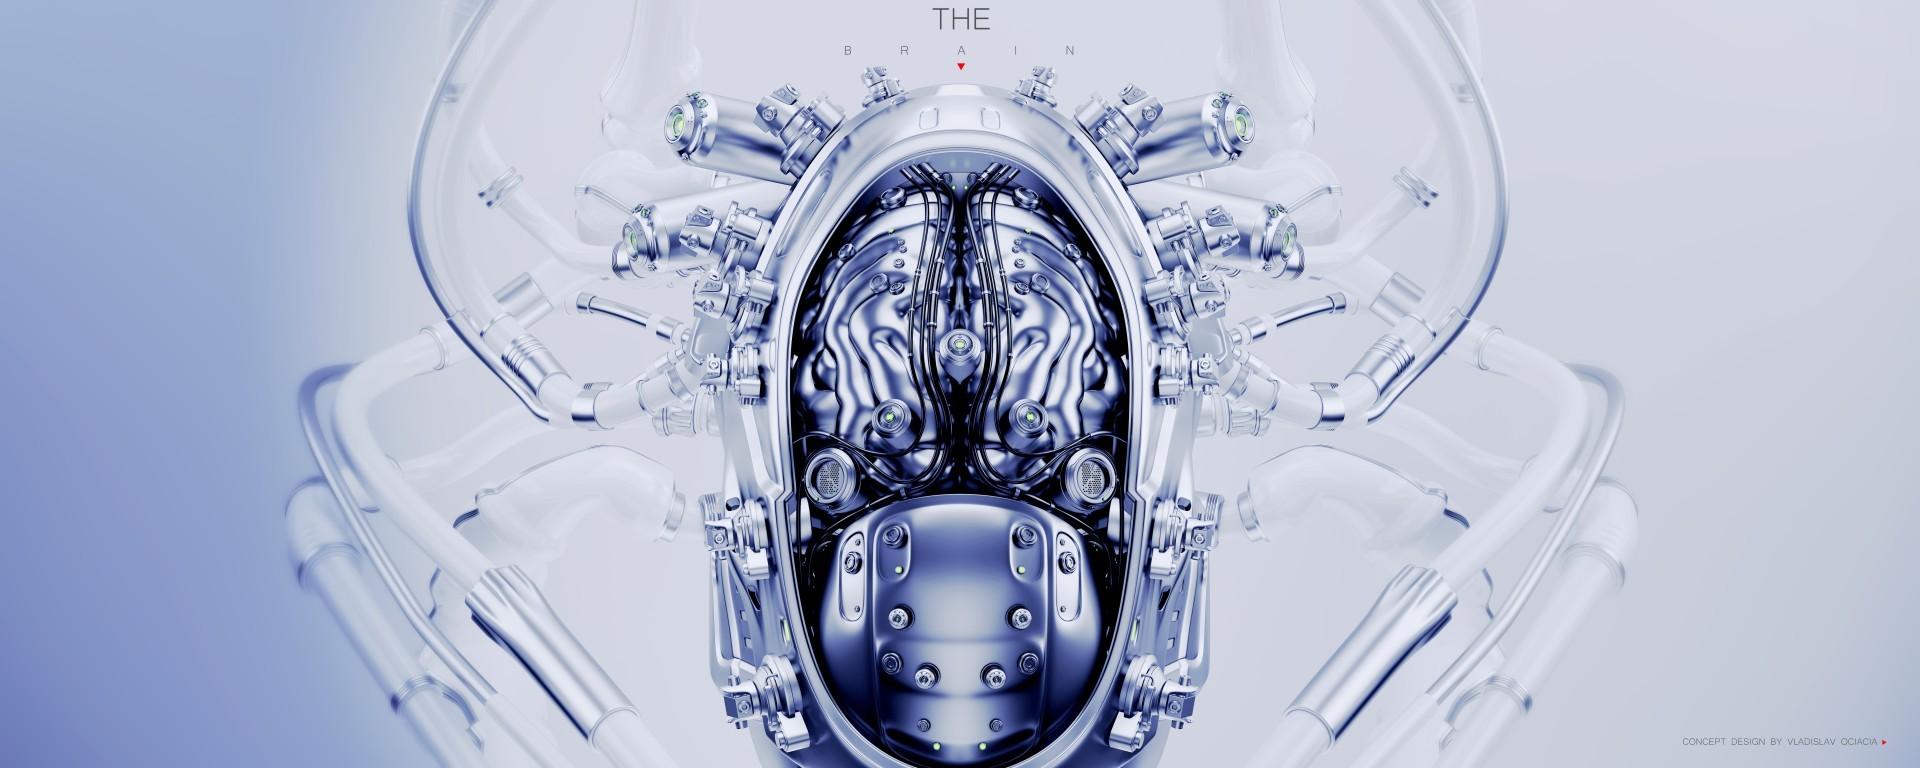 Vladislav ociacia robotic brain 2